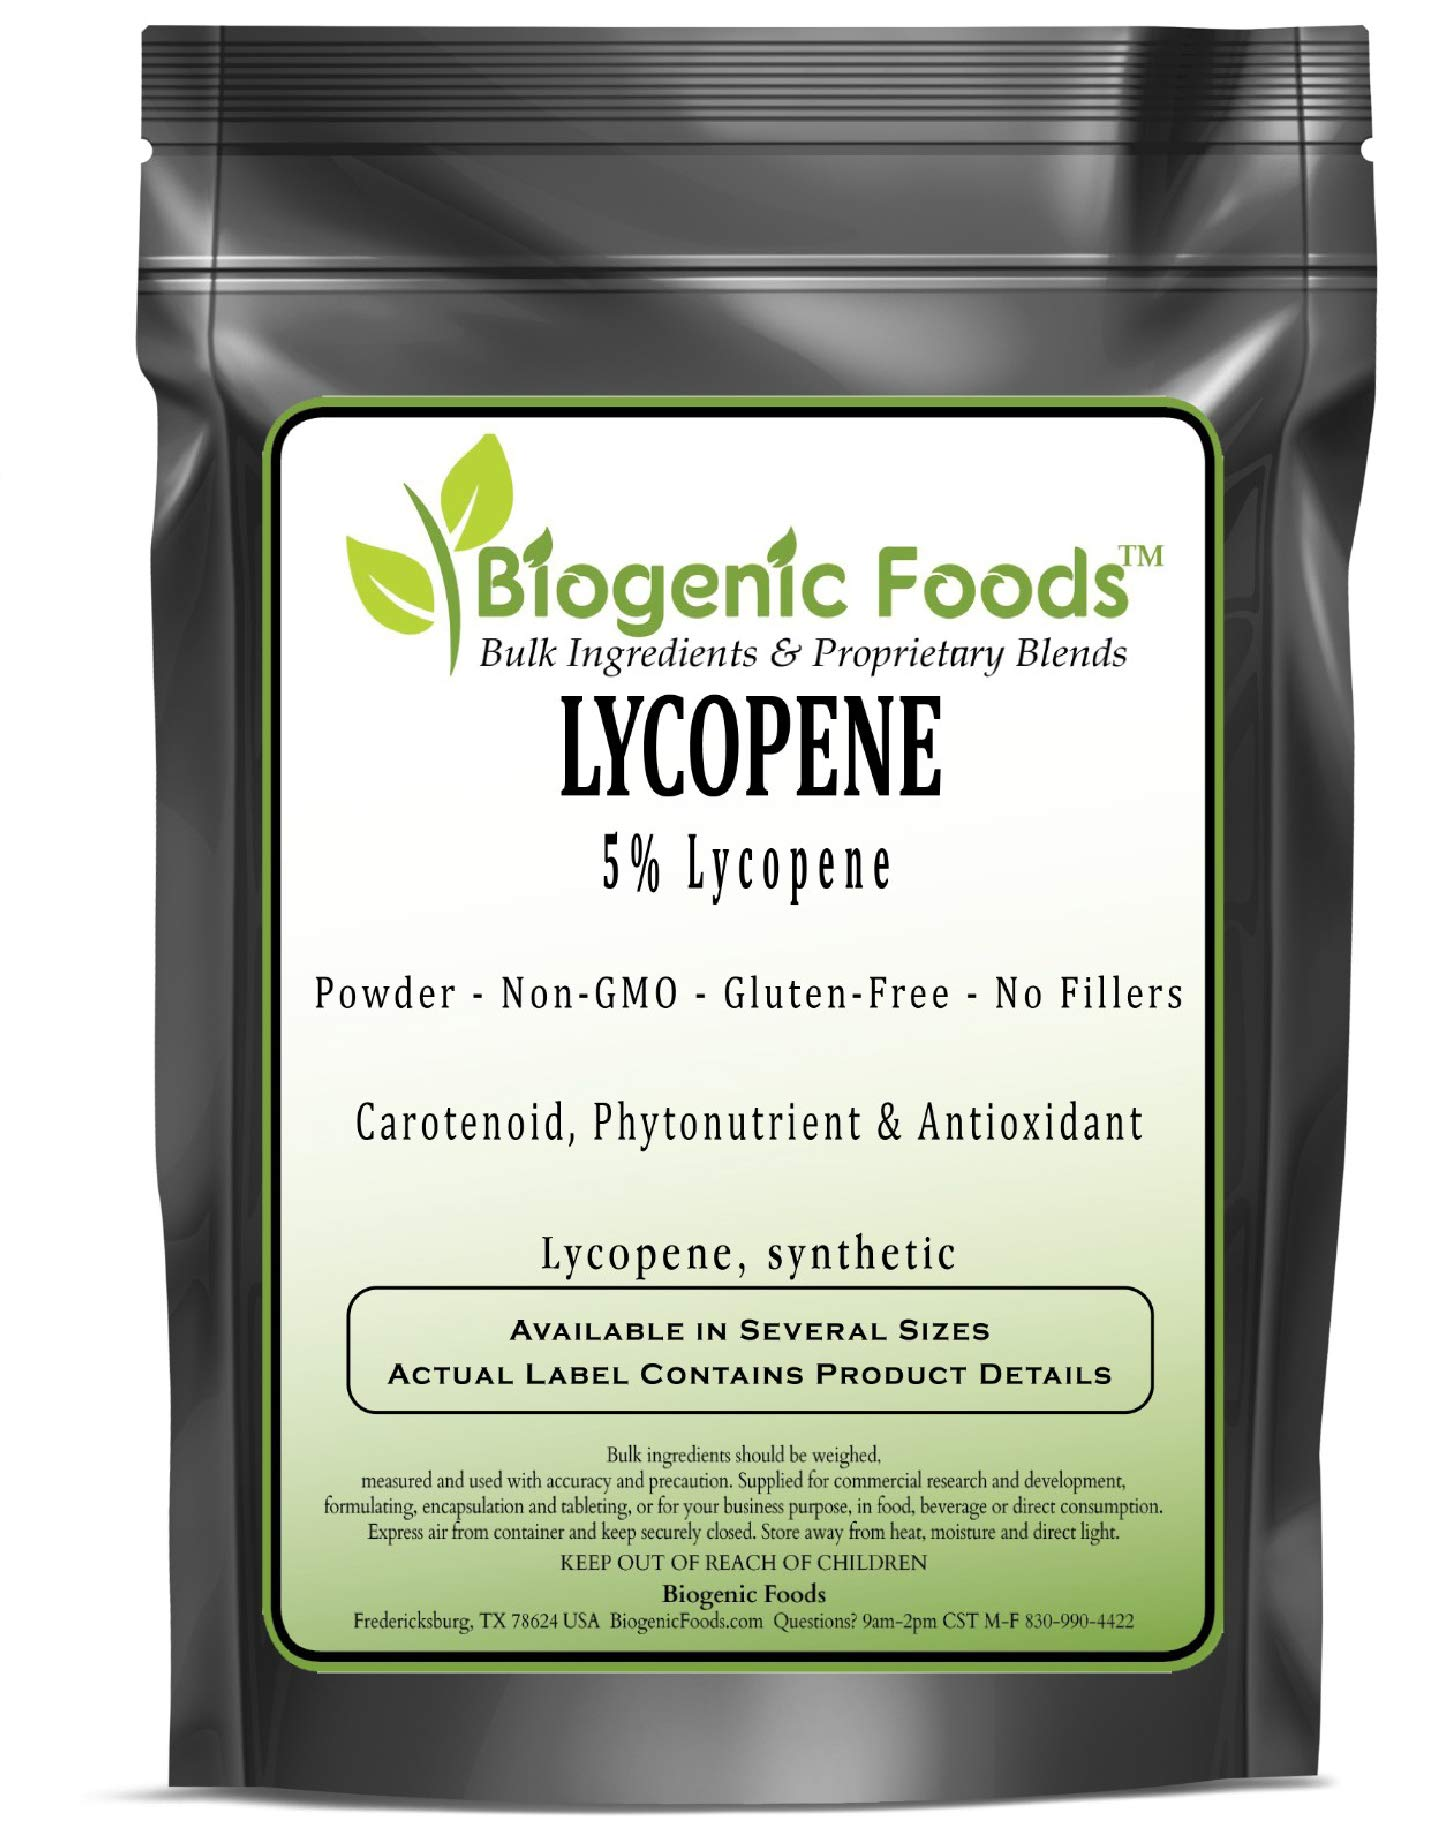 Lycopene - 5% Lycopene Powder Extract (Lycopene, Synthetic), 5 kg